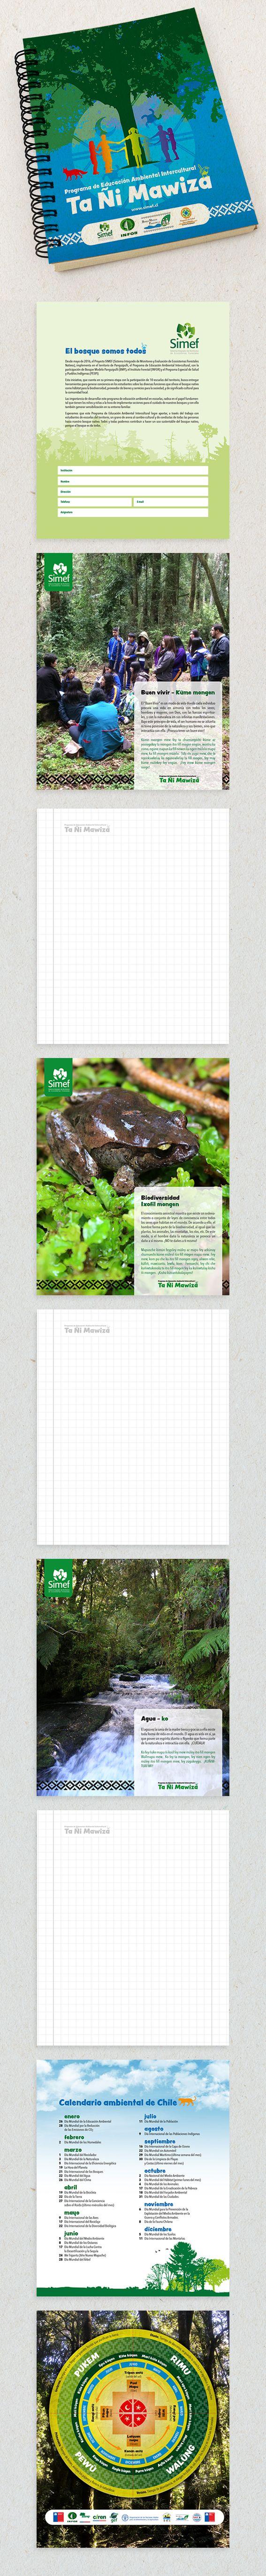 Diseño de Cuaderno para proyecto Ta Ñi Mawiza